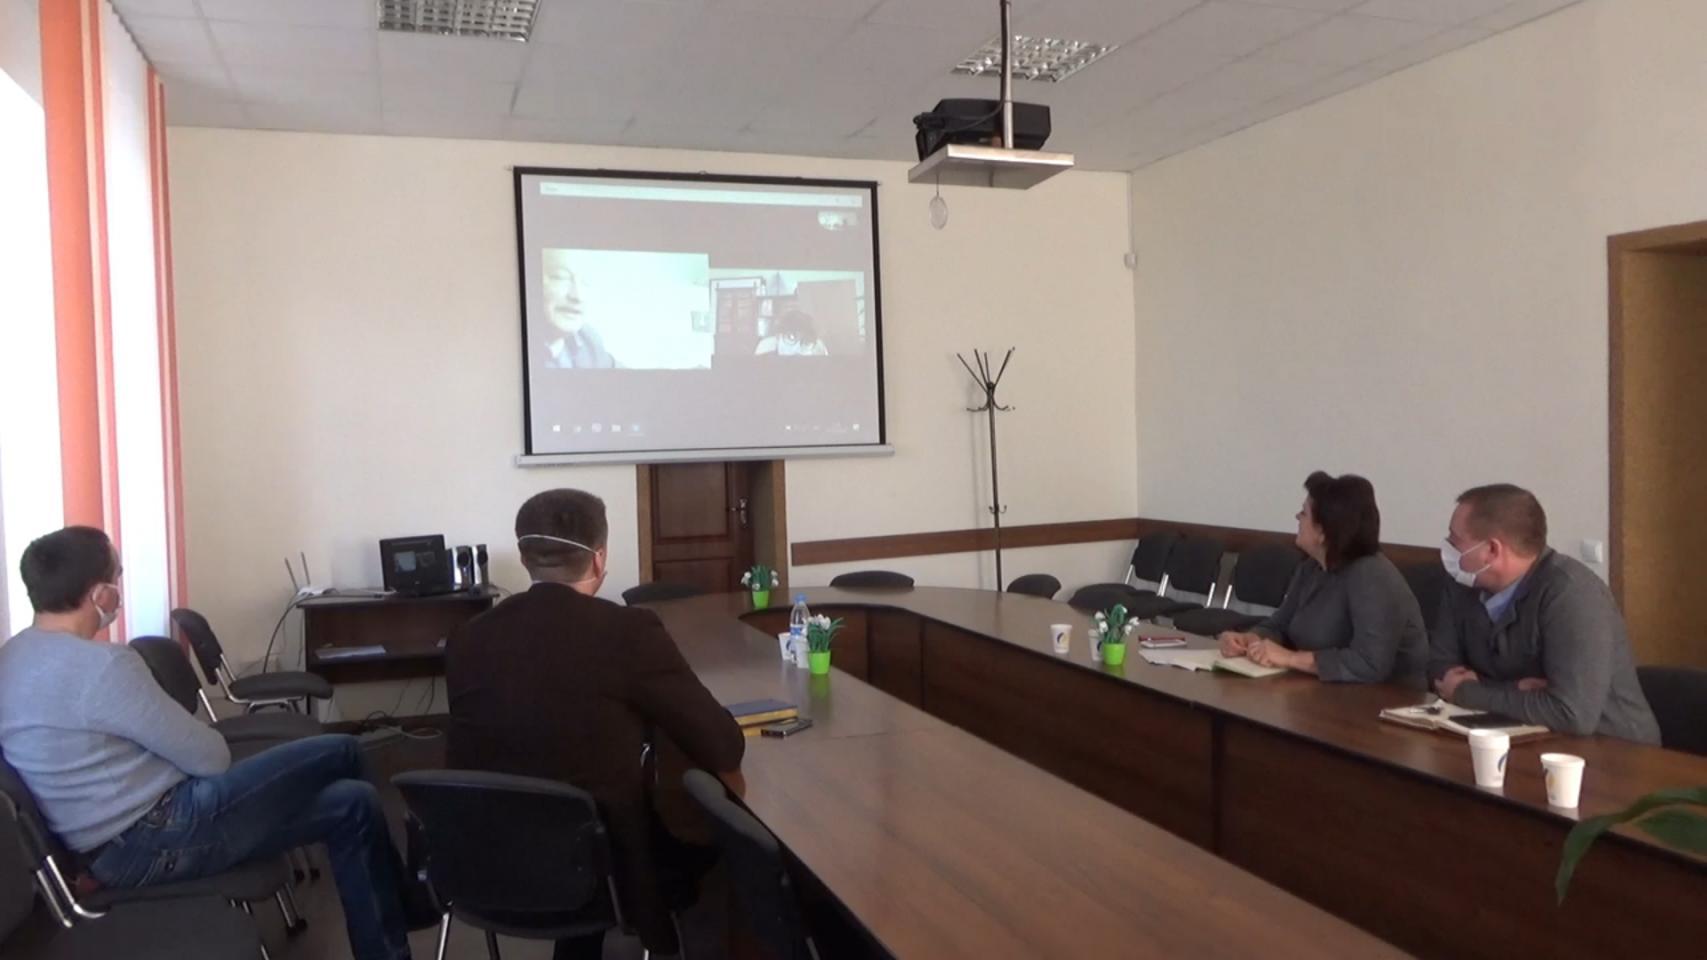 http://dunrada.gov.ua/uploadfile/archive_news/2020/03/25/2020-03-25_9117/images/images-56567.jpg